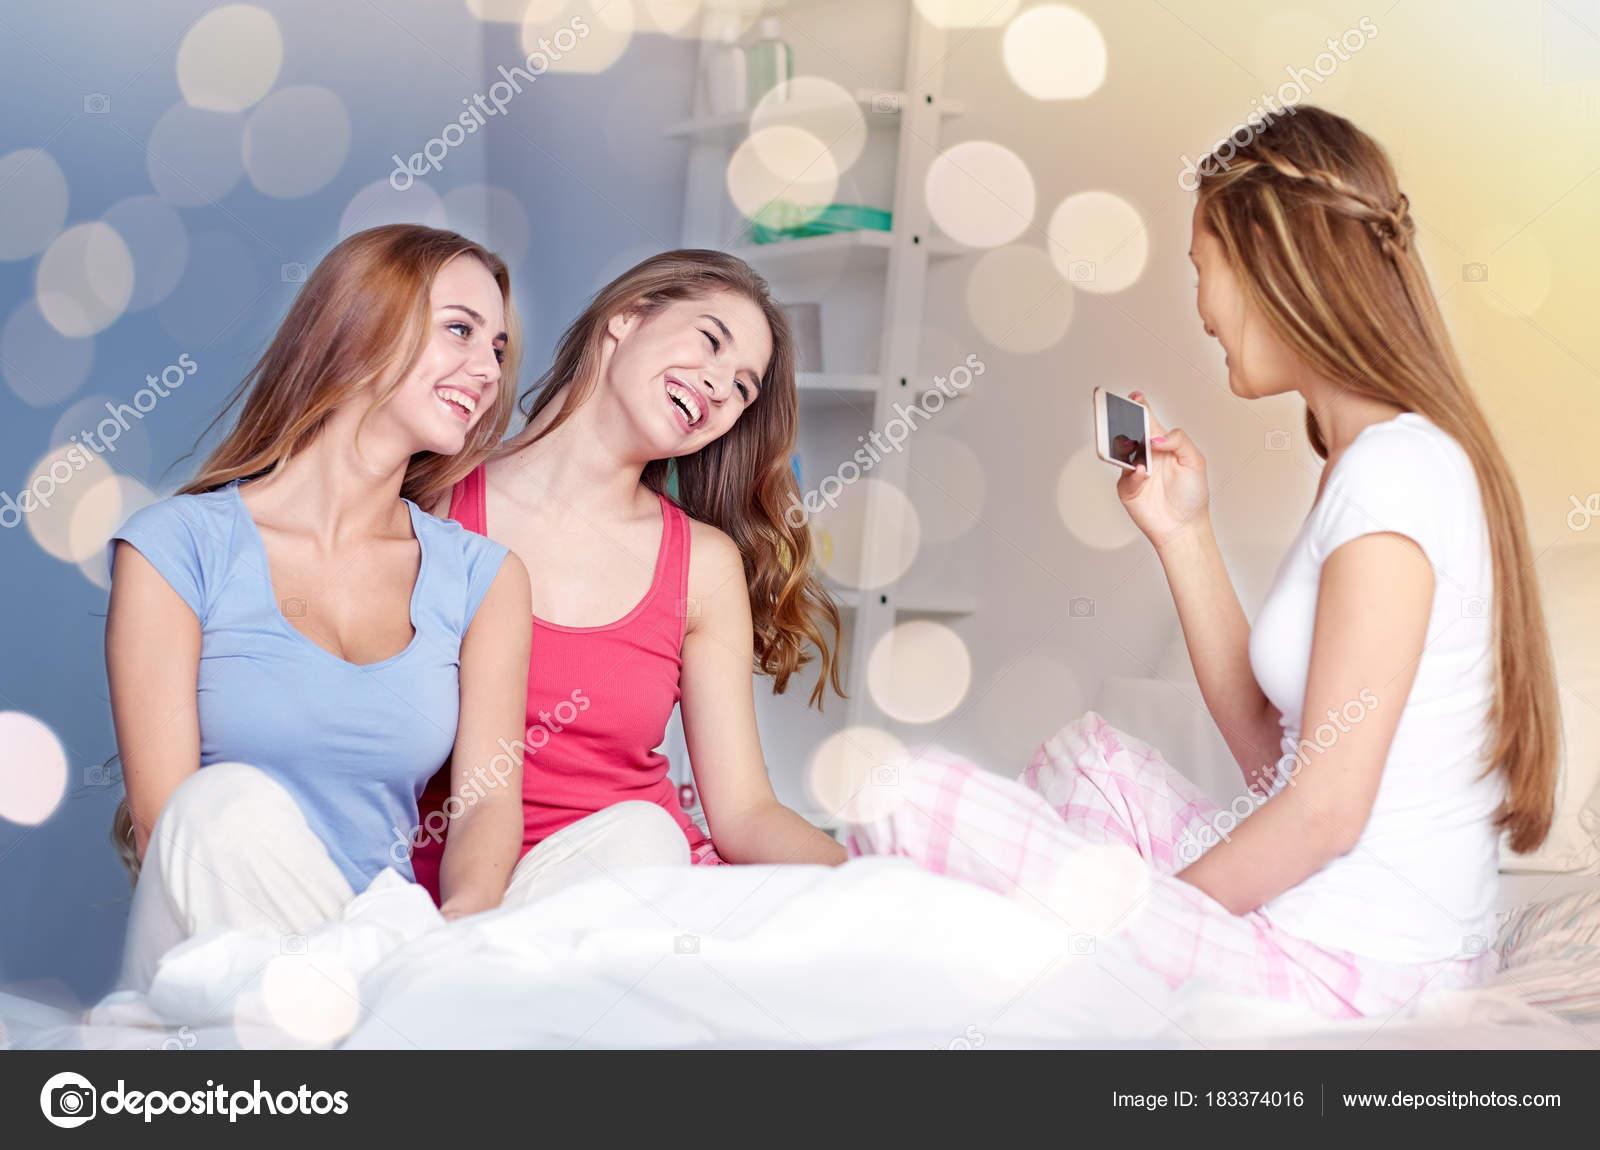 εικόνες έφηβος κορίτσια σέξι μη πορνό